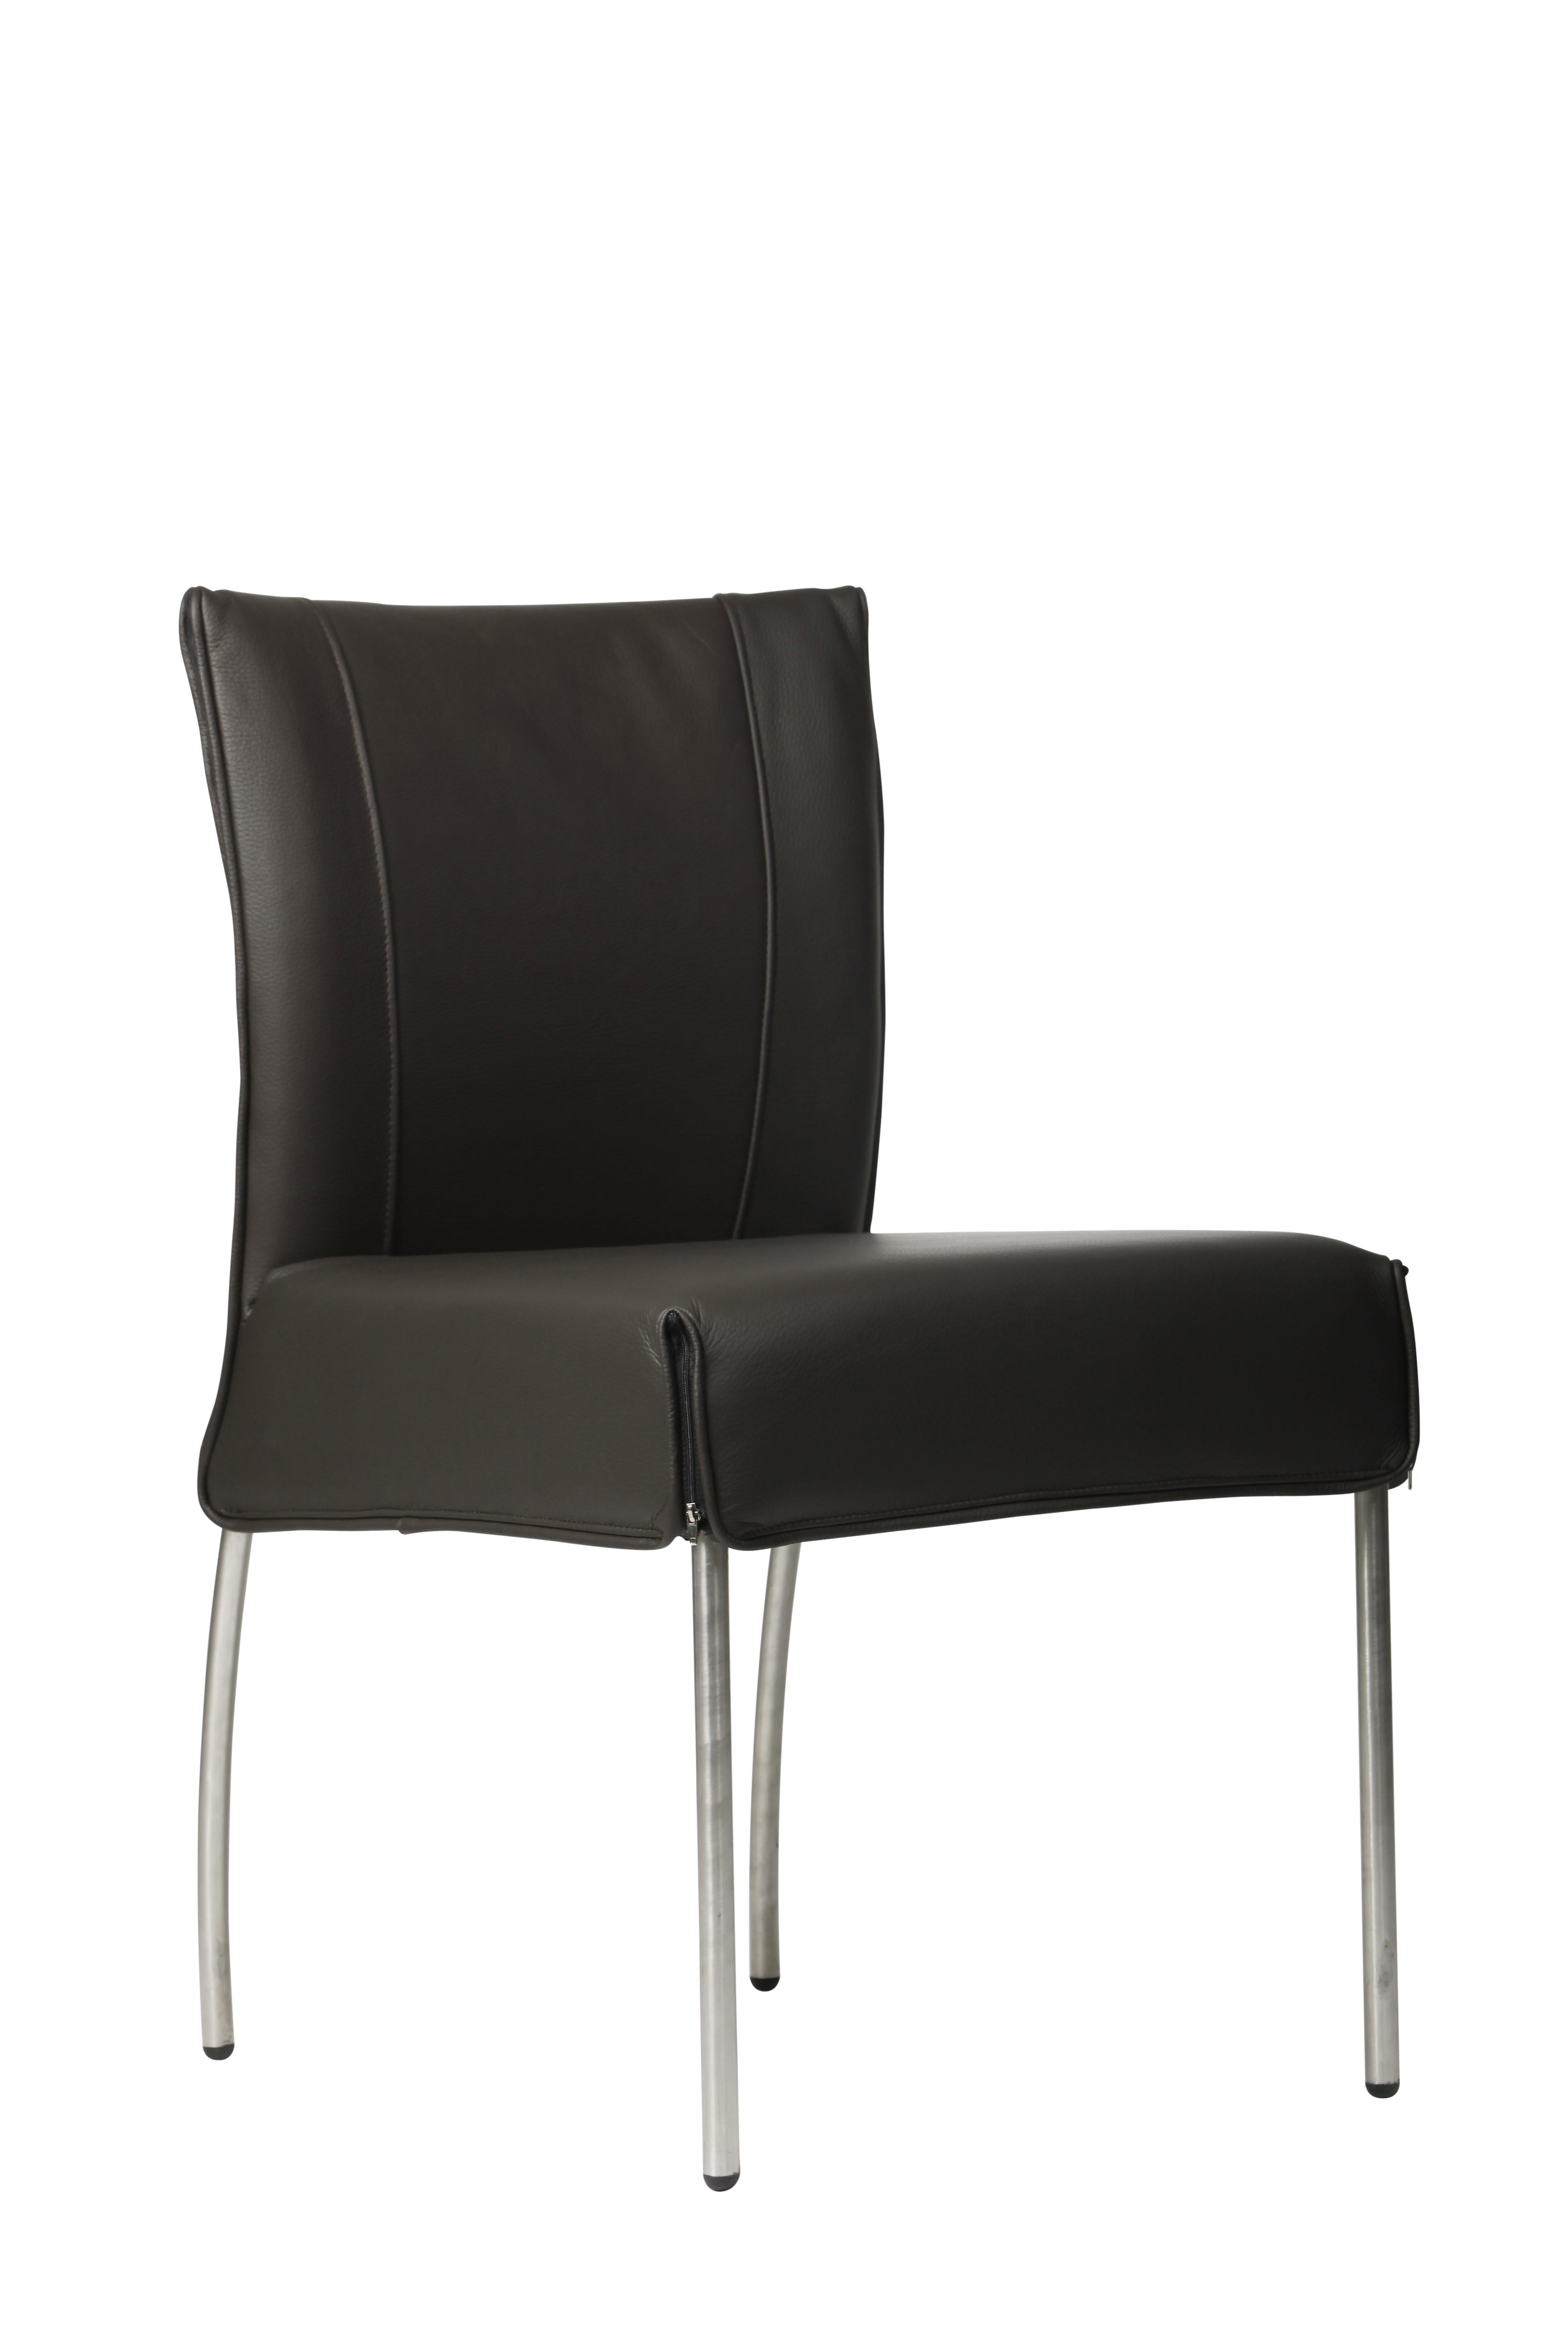 Stoelen uitverkoop aanbiedingen en outlet for Design stoel 24